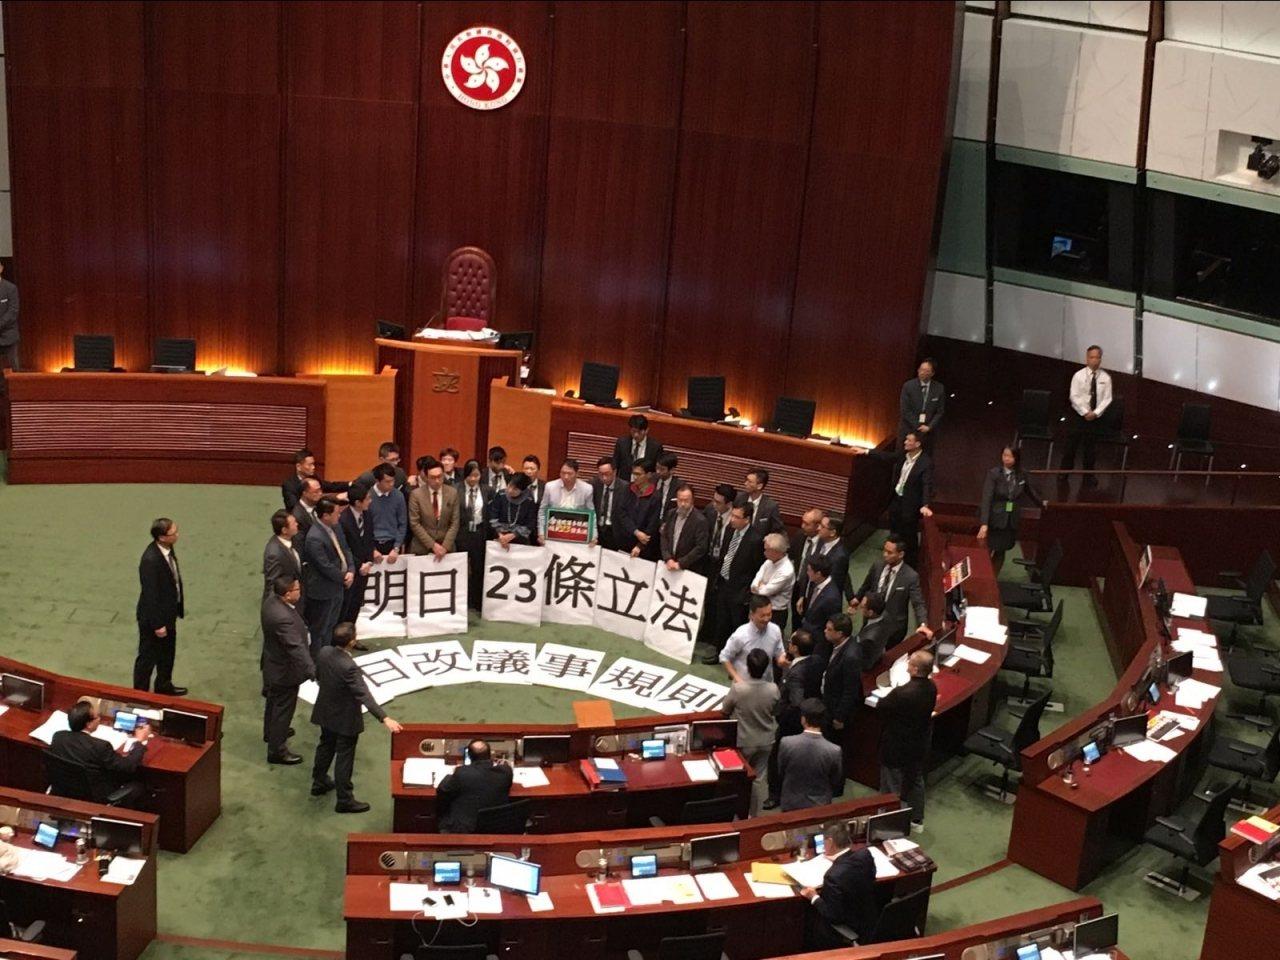 立法會7日開始審議修訂《議事規則》,由於主席梁君彥用合併辯論手法封殺拉布,民主派...